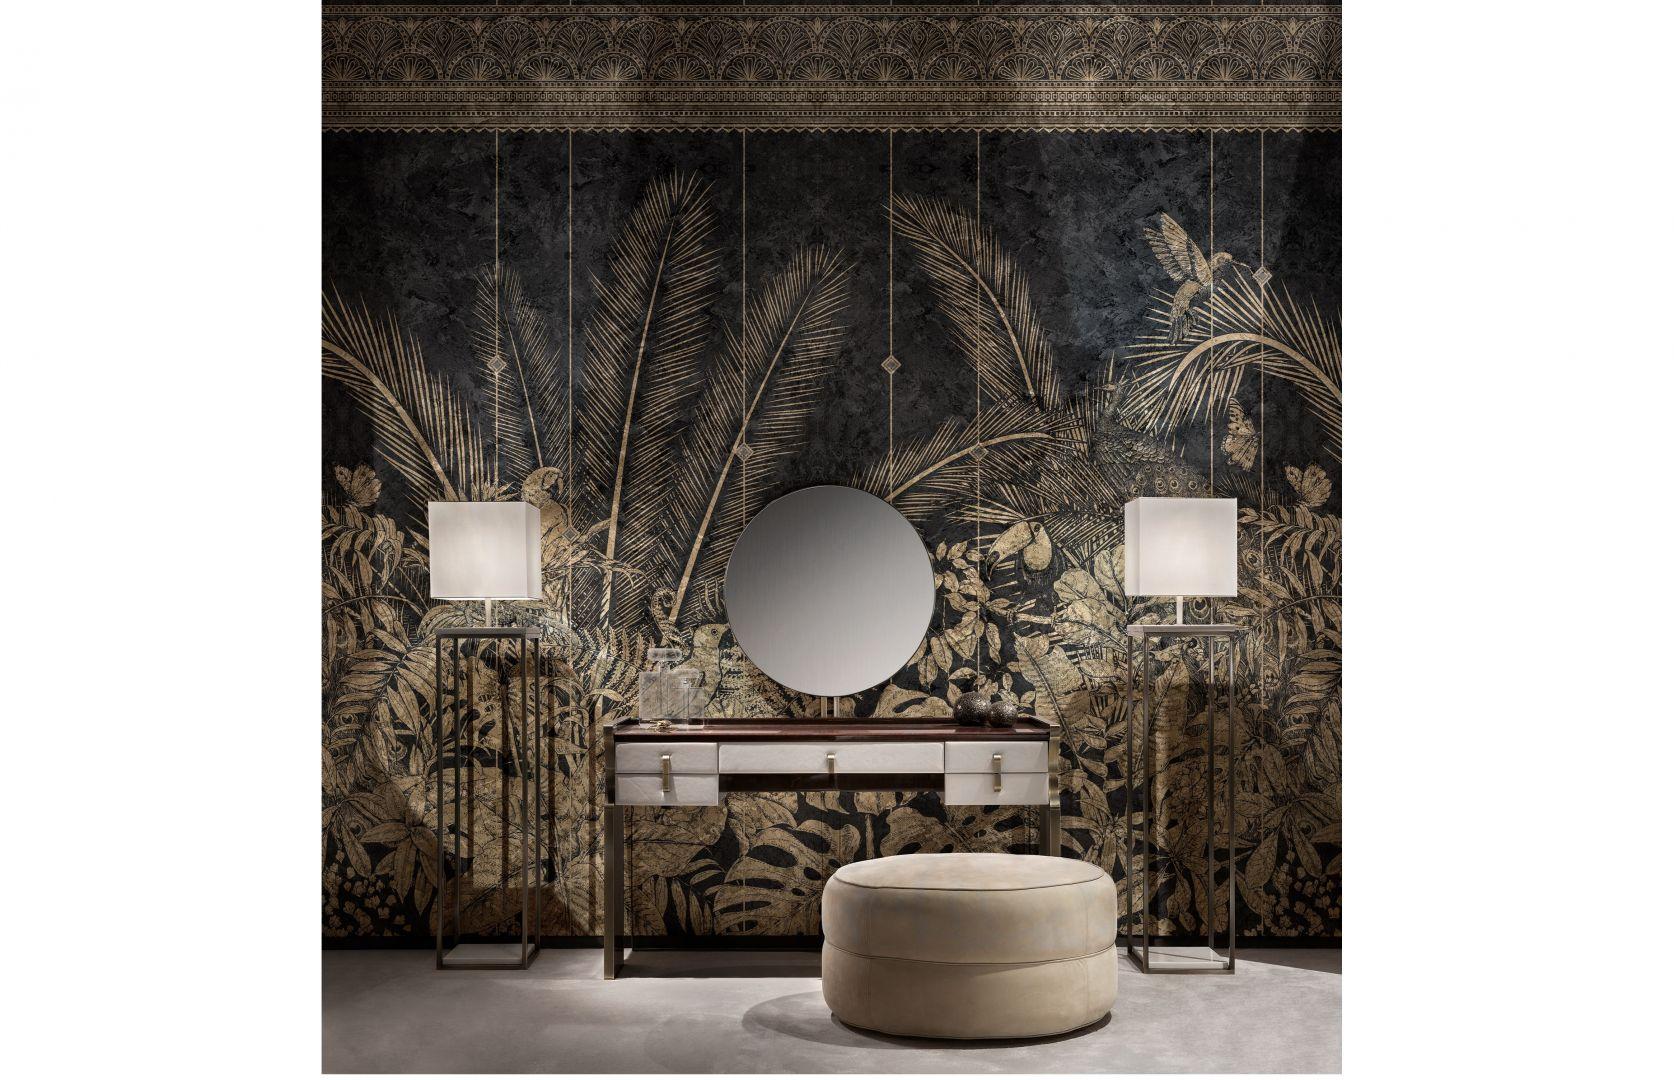 Fototapeta Tamputa z kolekcji Golden Wall łączącej inspiracje ze świata mody i sztuki. Fot. Inkiostro Bianco